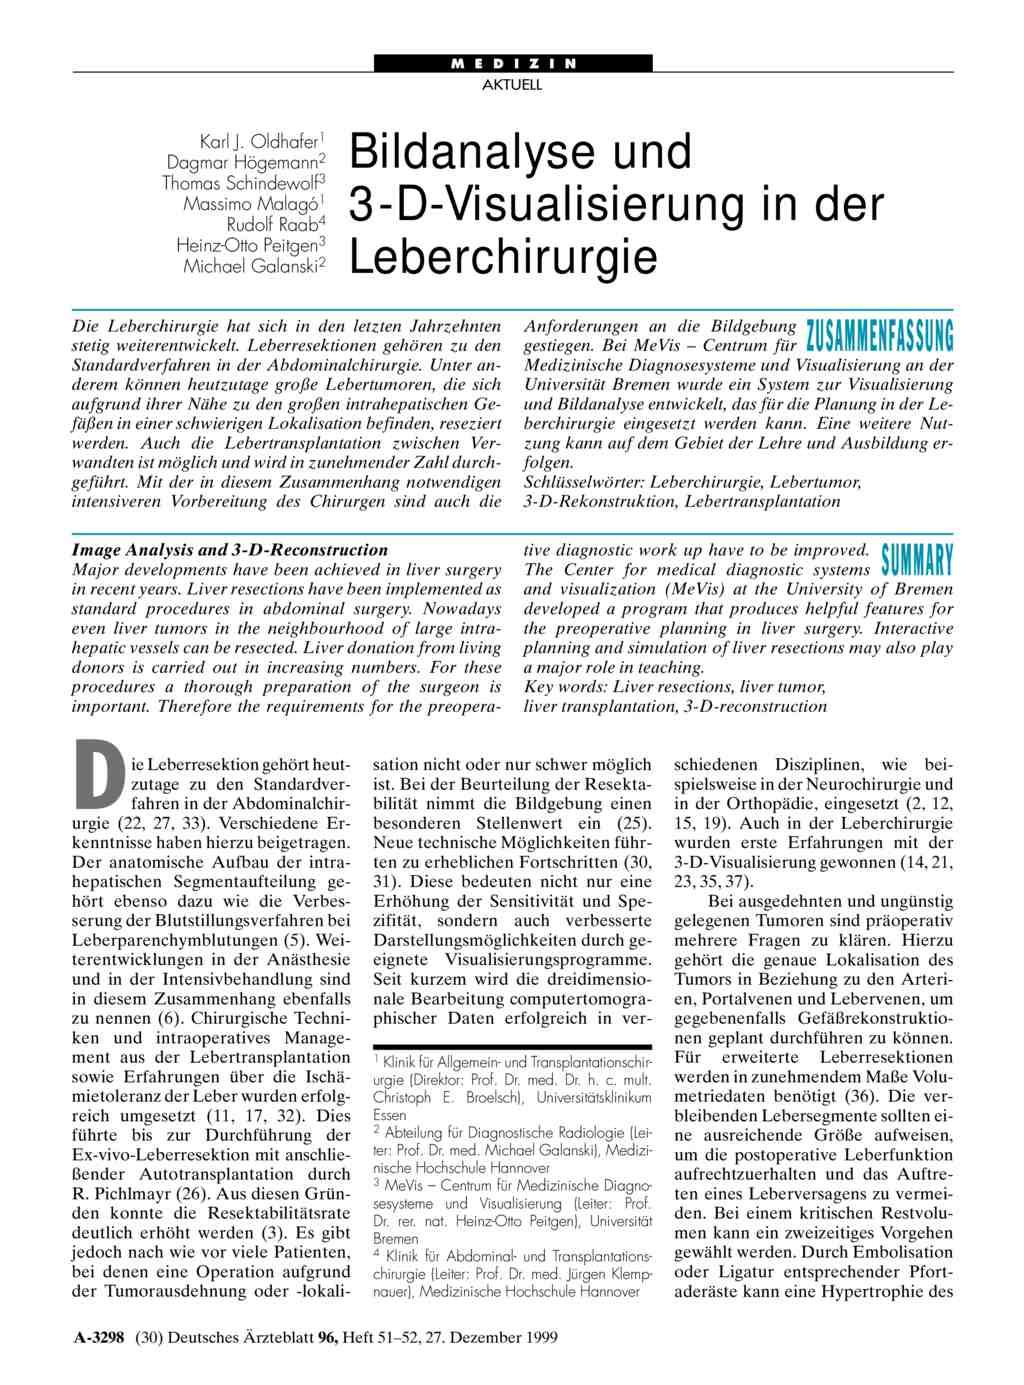 Bildanalyse und 3-D-Visualisierung in der Leberchirurgie